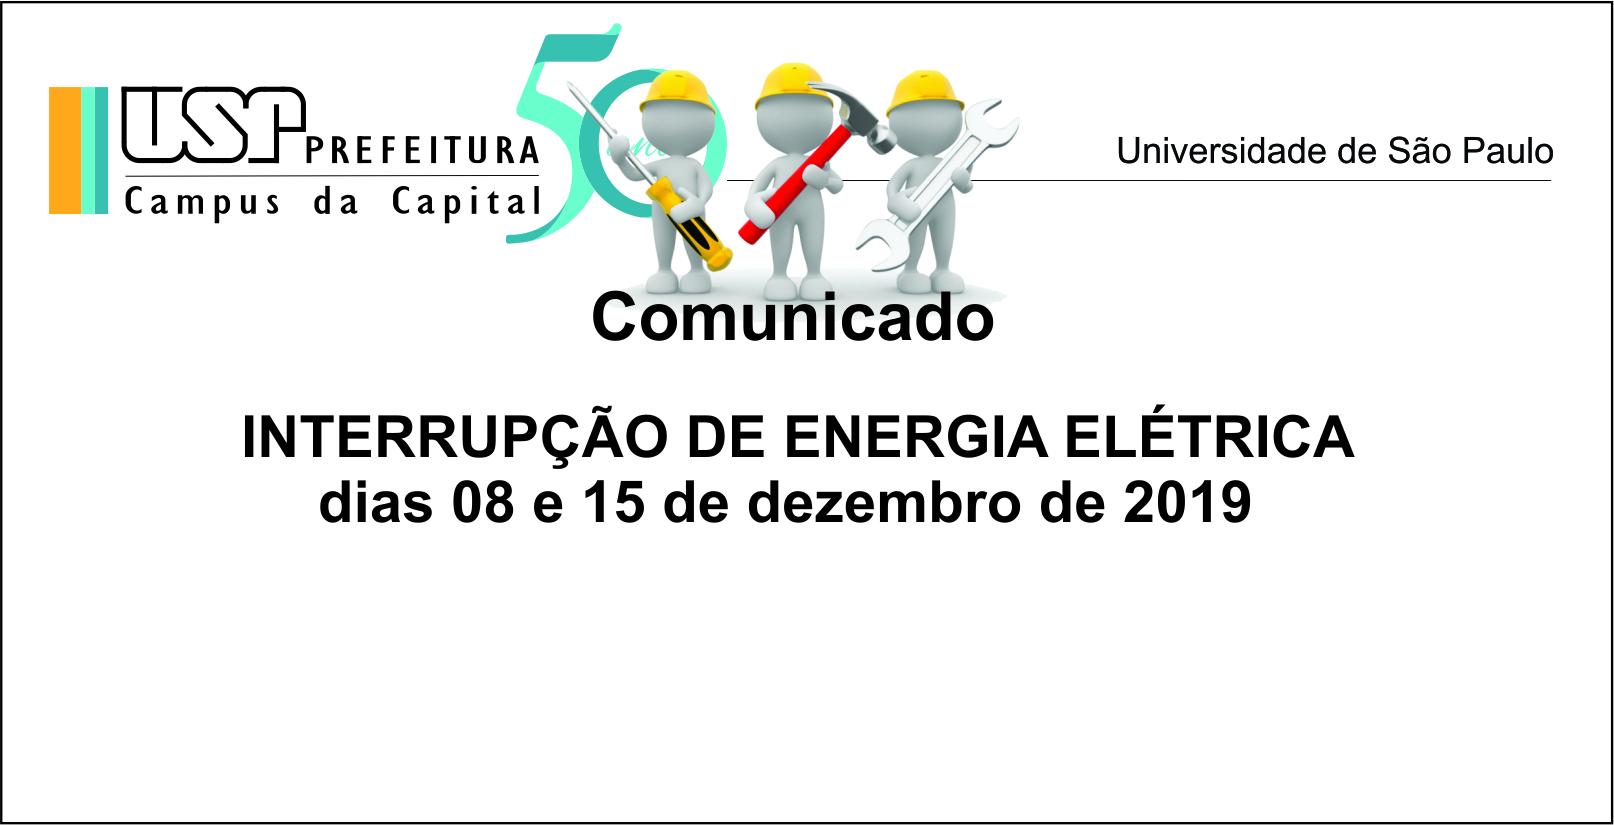 Interrupção de energia 08 e 15 dezembro